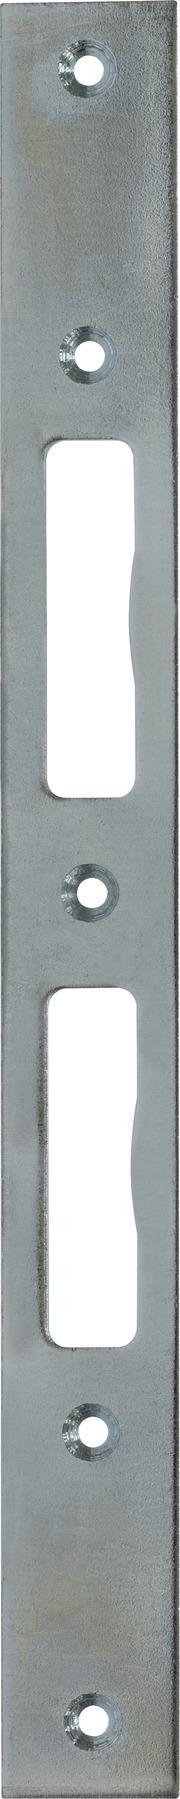 Schließblech SB S SB 300x30x3mm